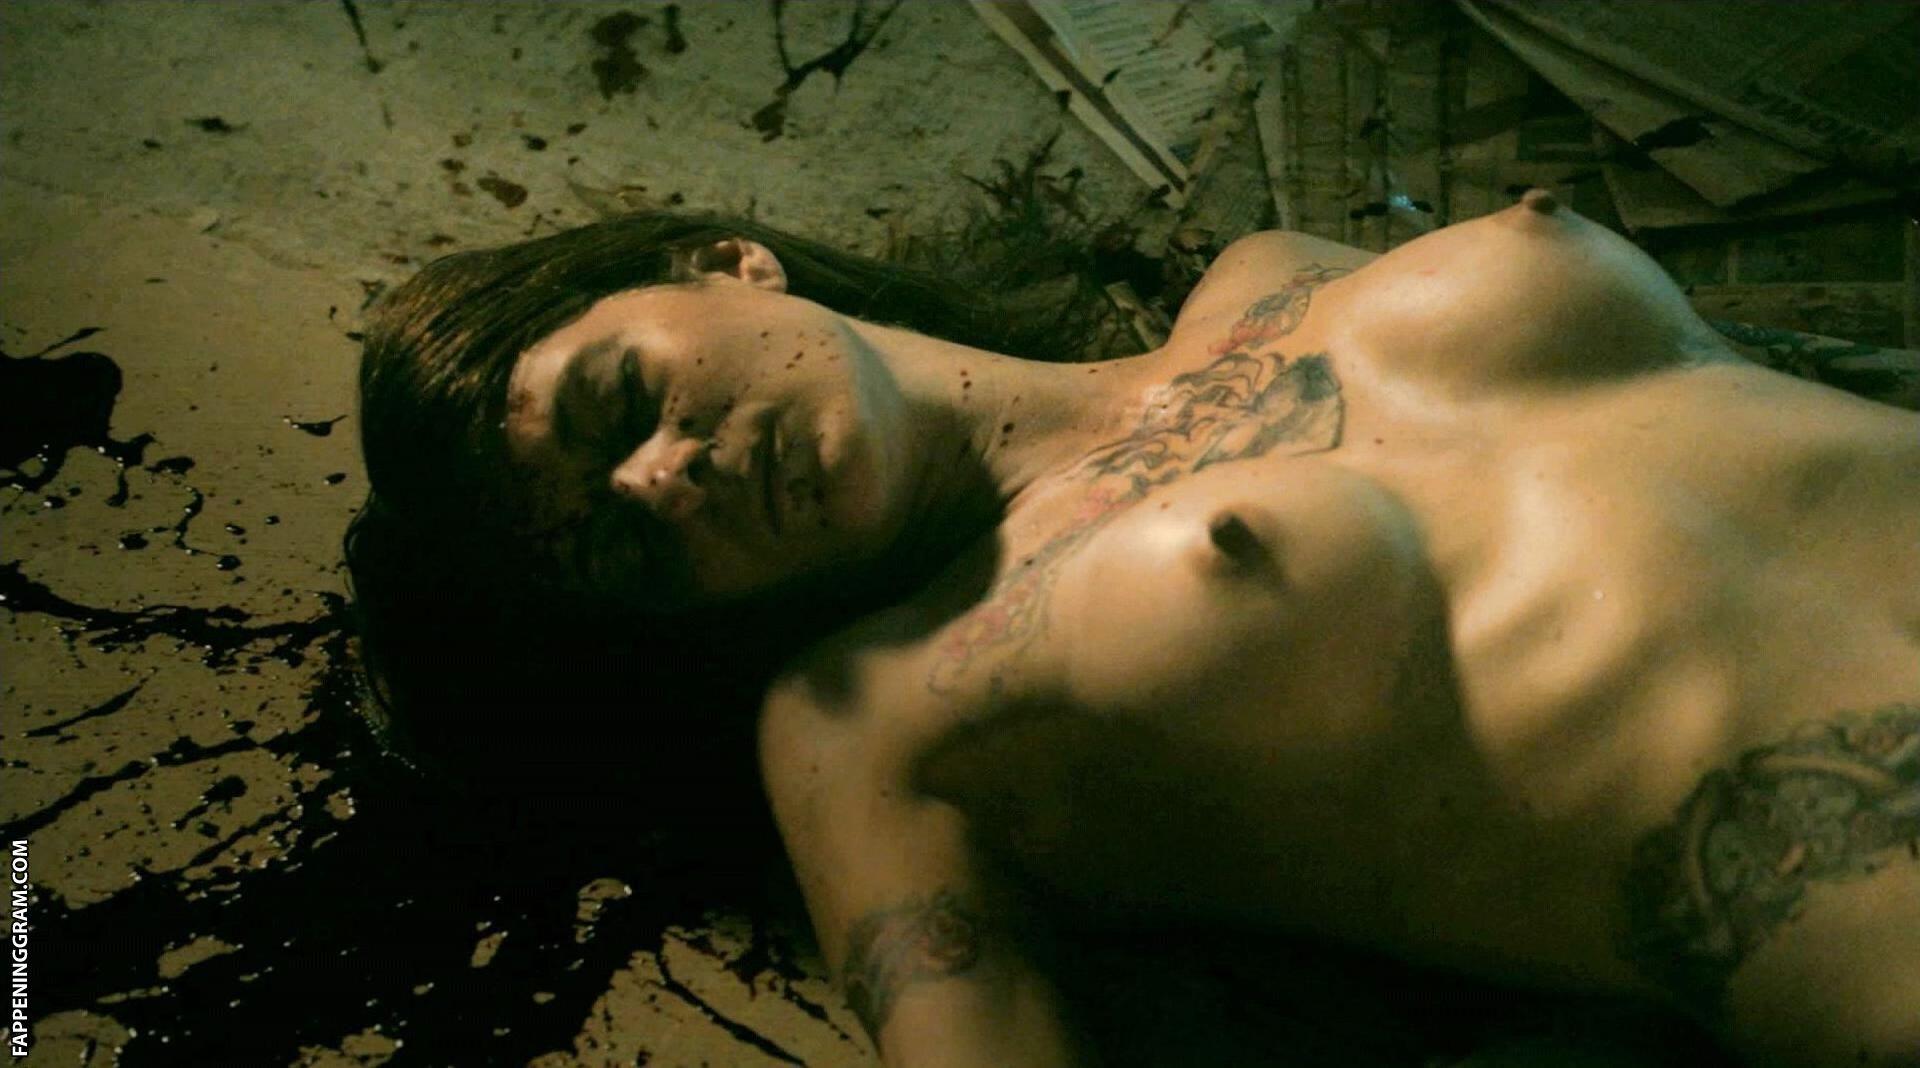 Lee naked